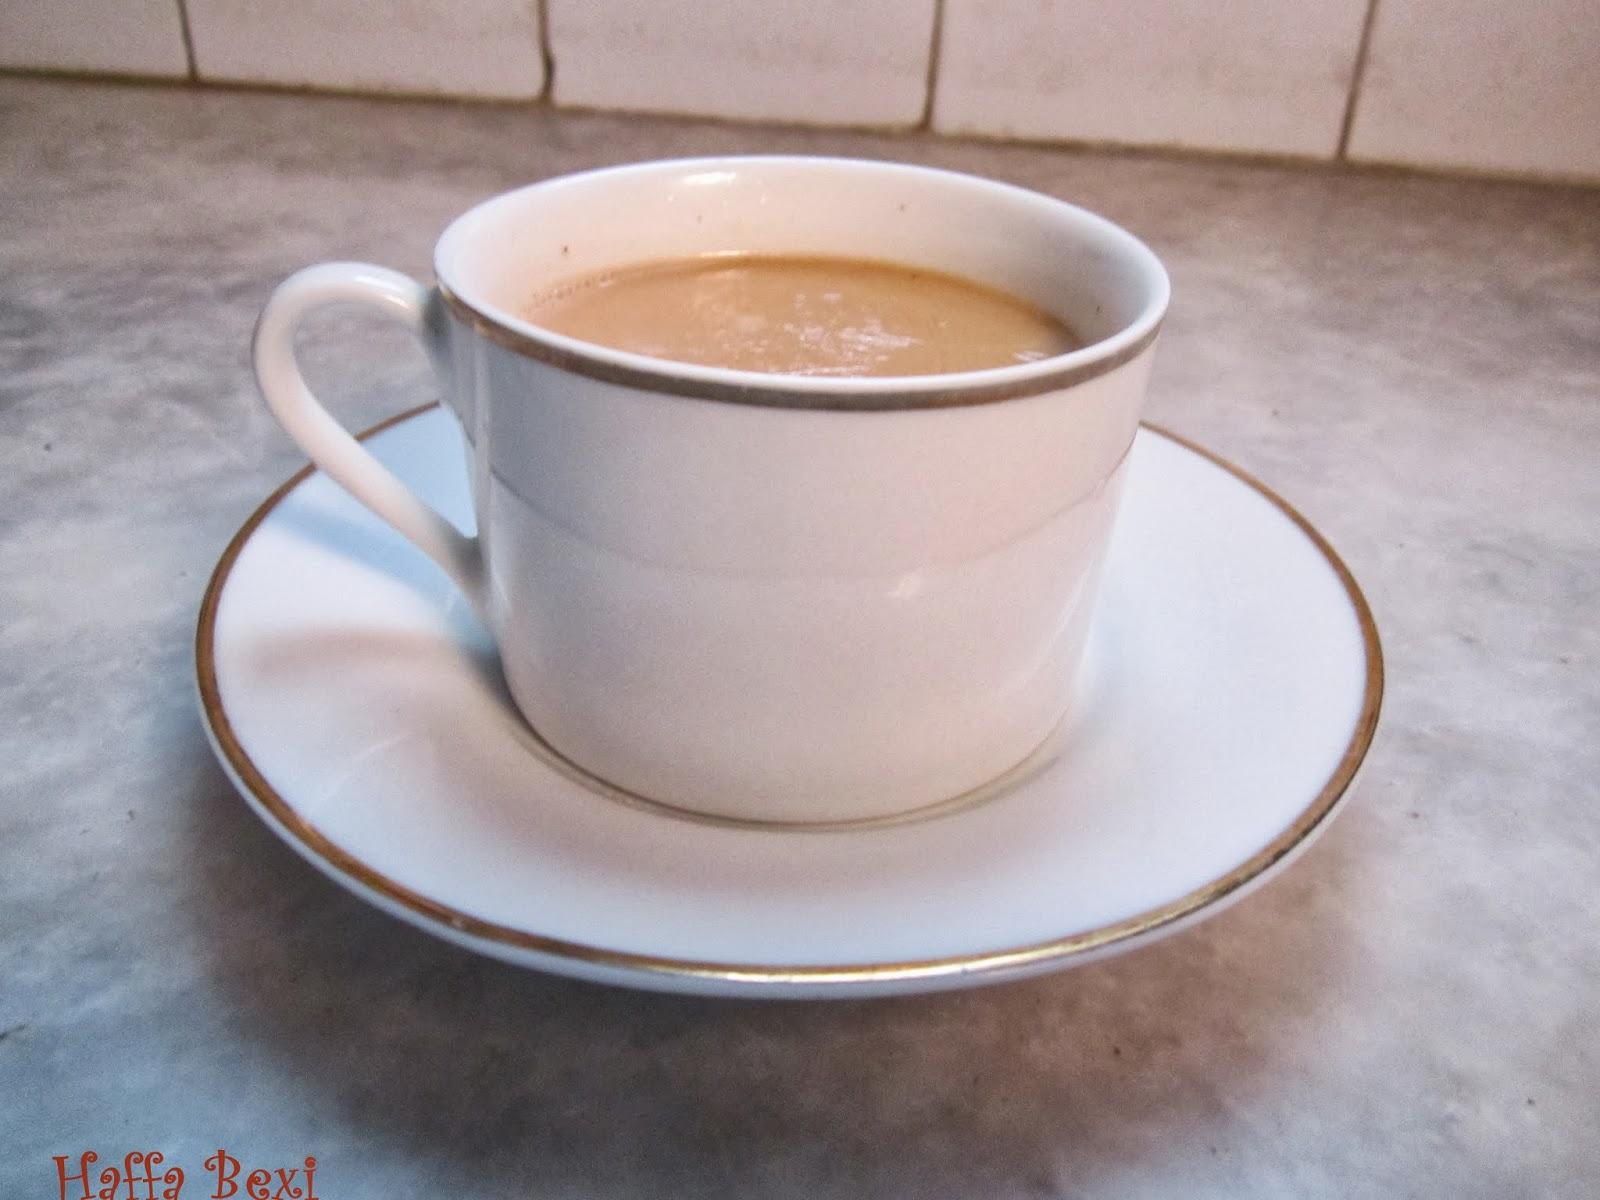 Breakfast Tea Cup images